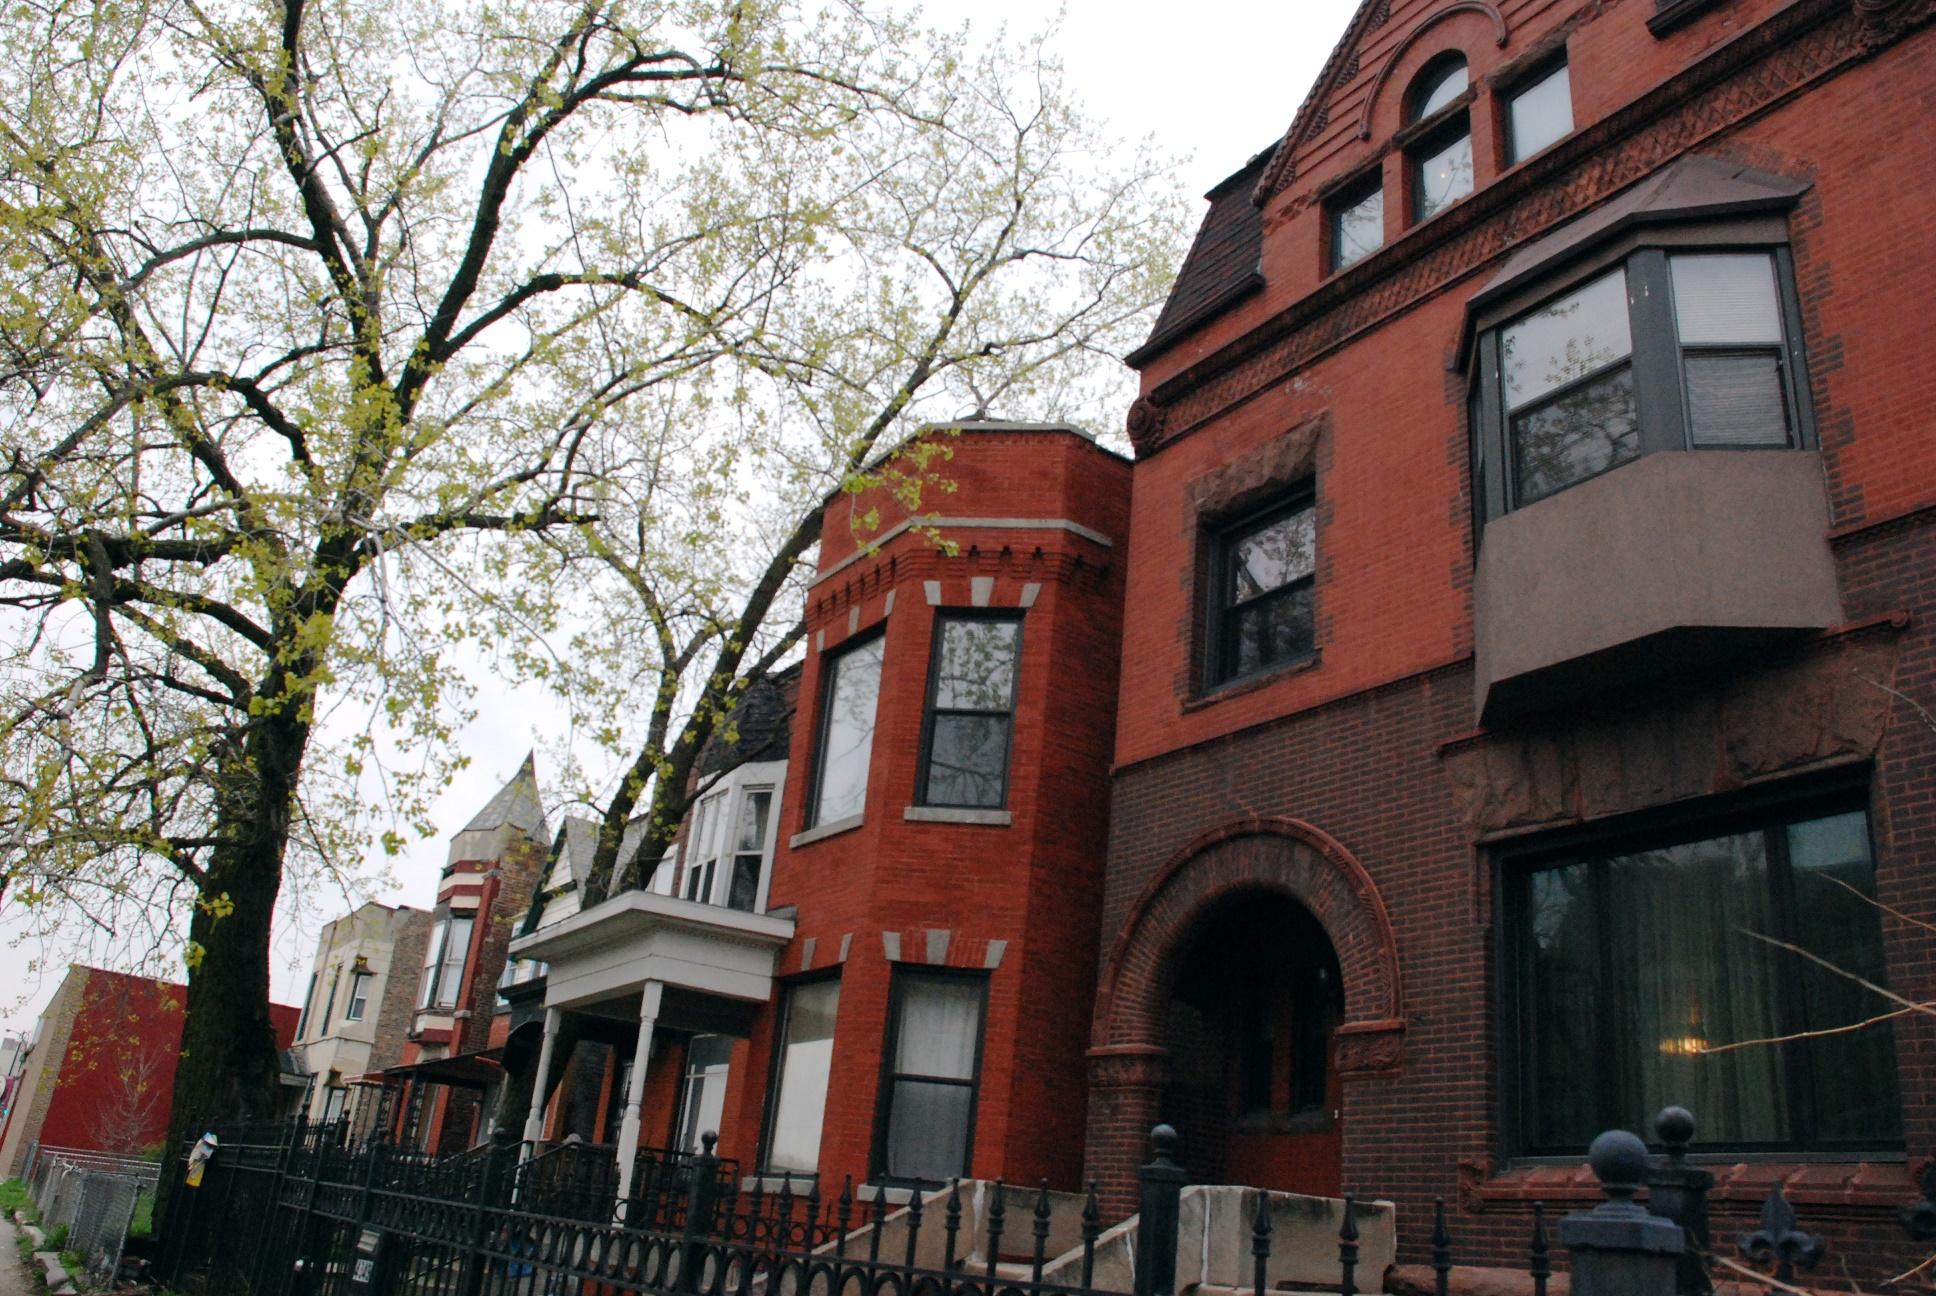 As típicas casas inglesas de tijolo vermelho estão na lista de lugares que deveriam fazer parte de um caminho feliz